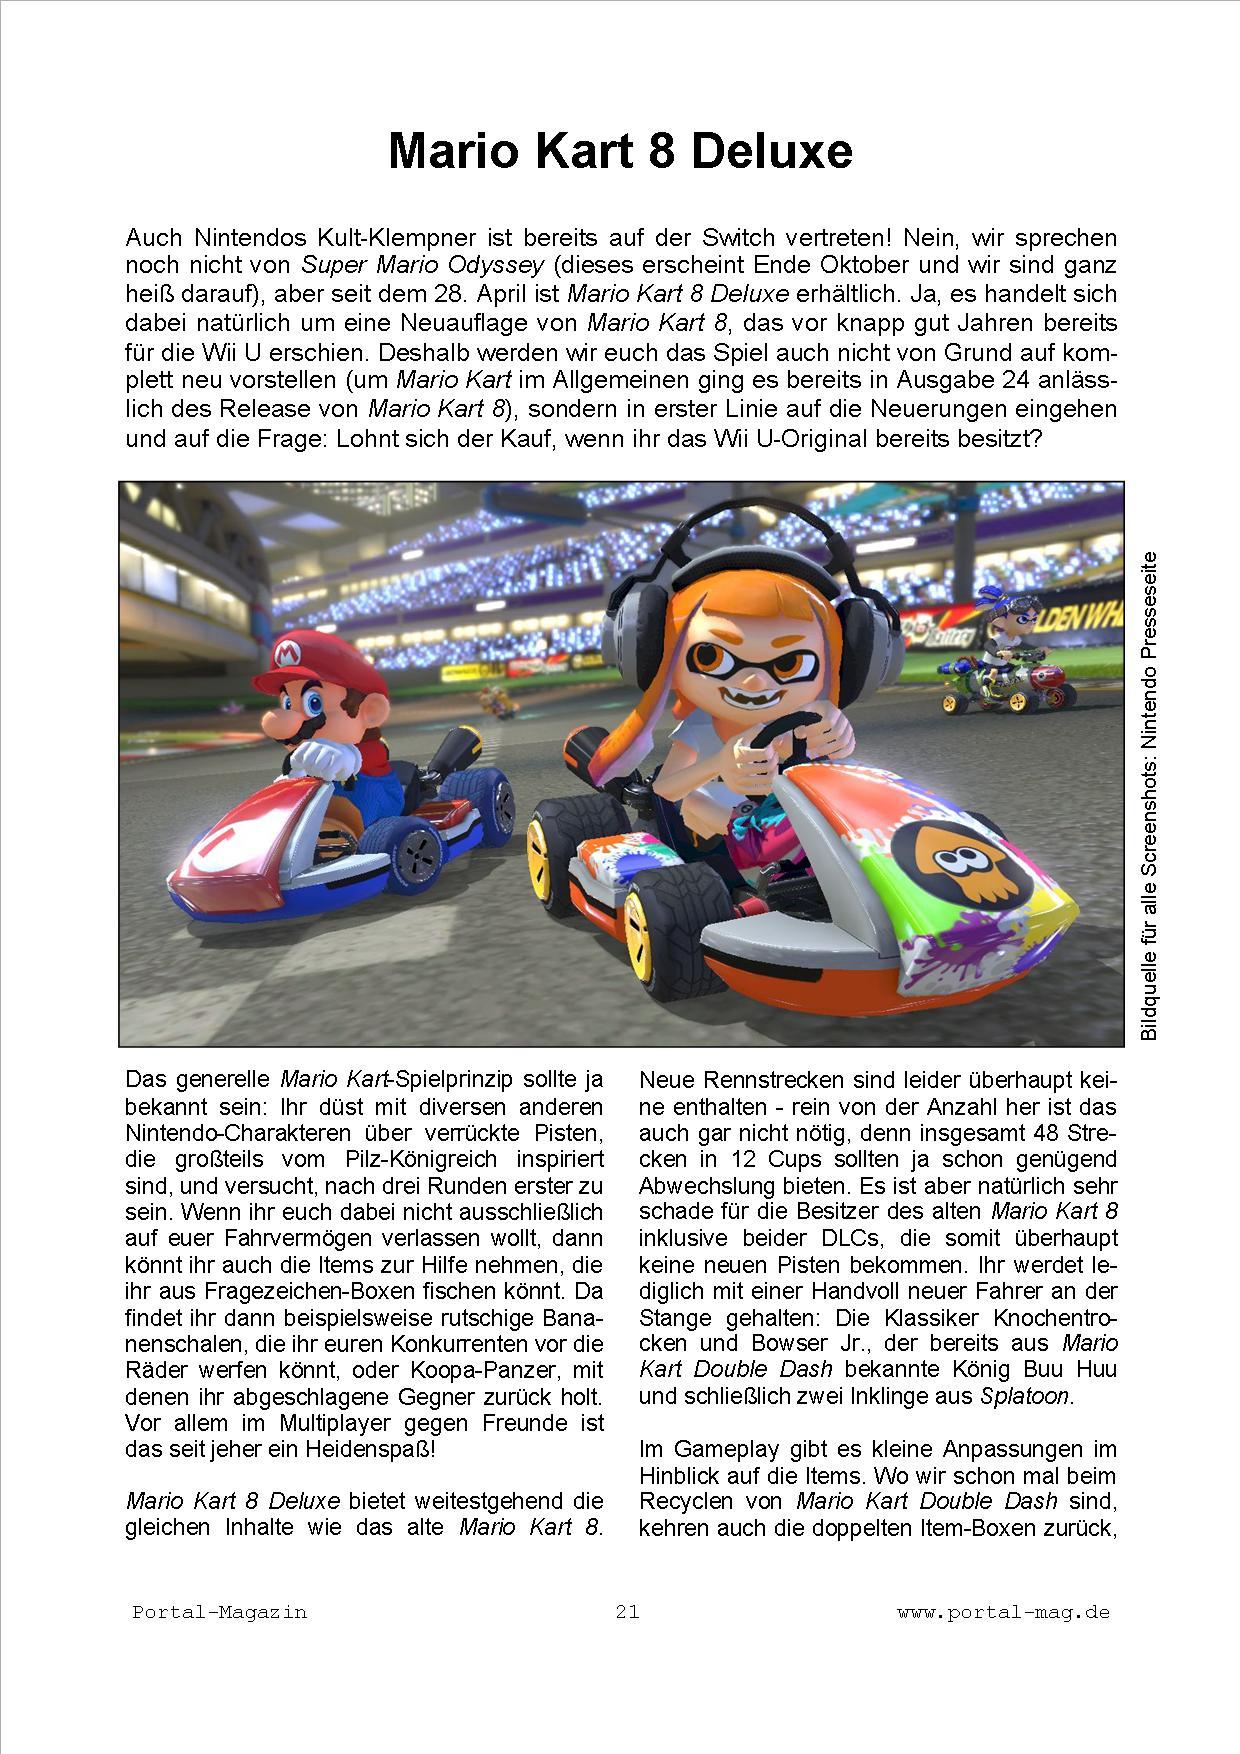 Ausgabe 37, Seite 21